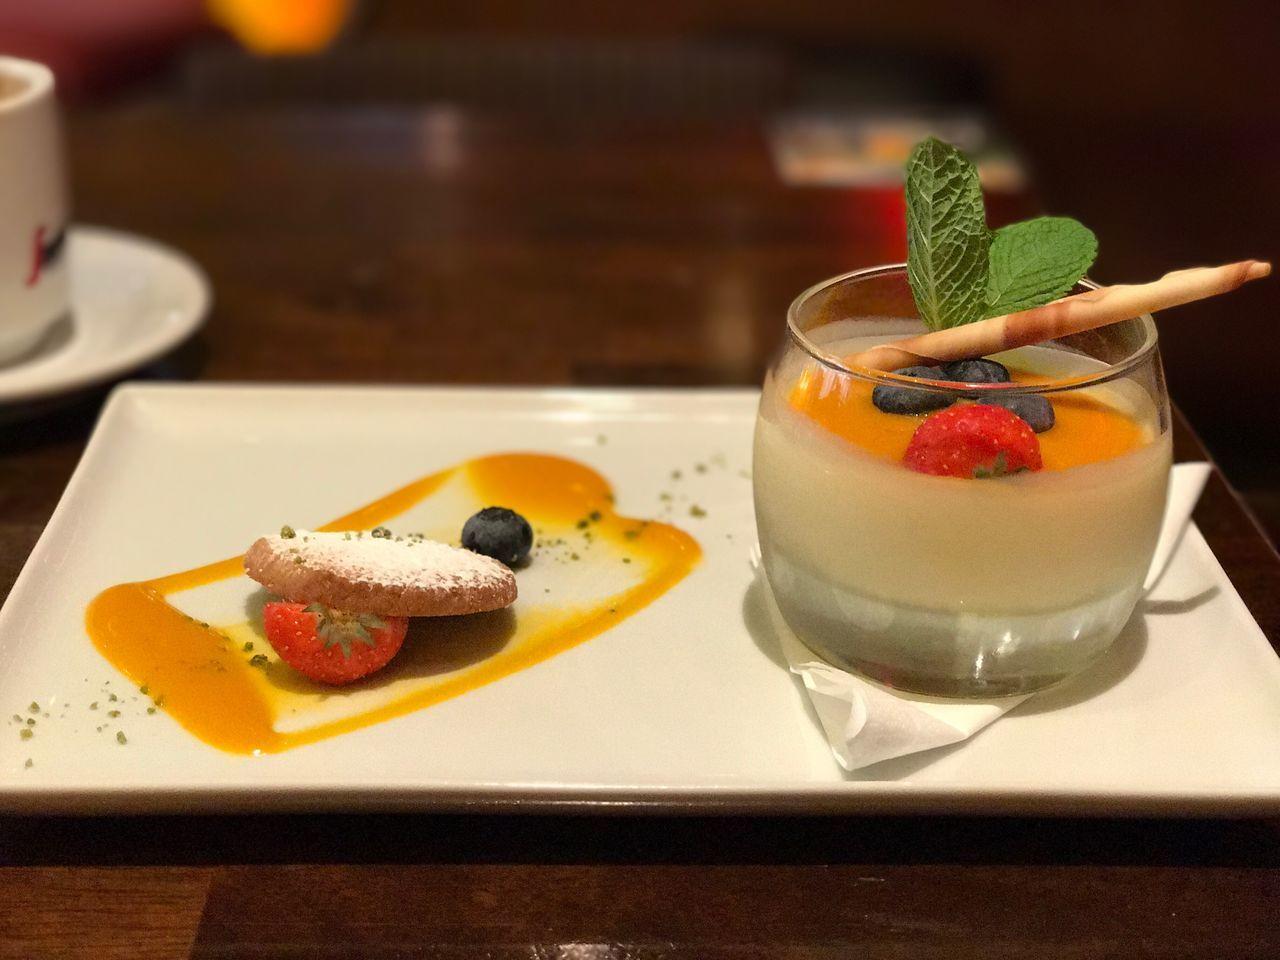 Food And Drink Freshness Indoors  Fruit Dessert Ready-to-eat Temptation Sweet Food Food Serving Size Lemon Posset